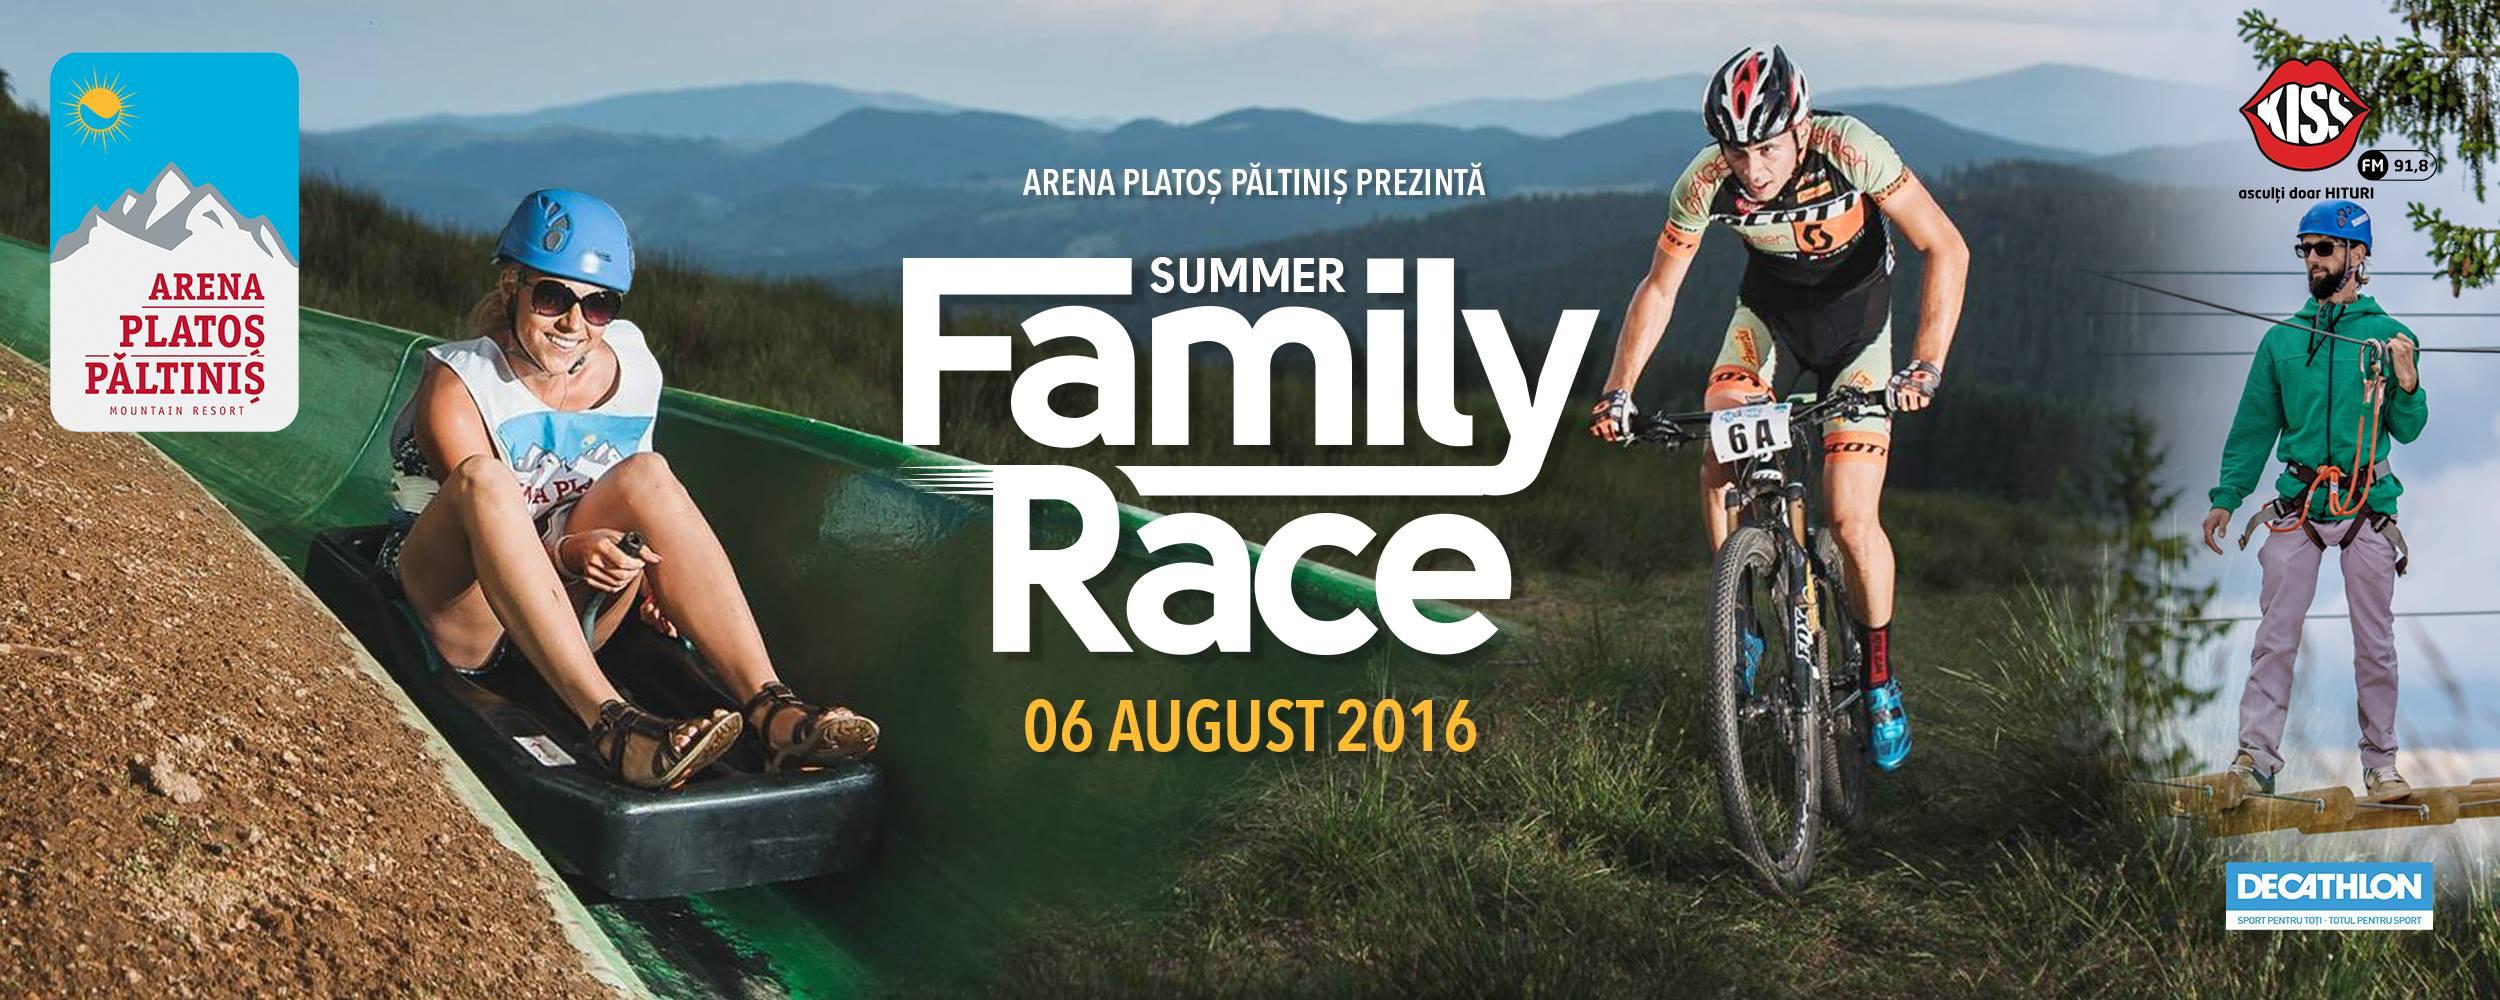 Summer Family Race